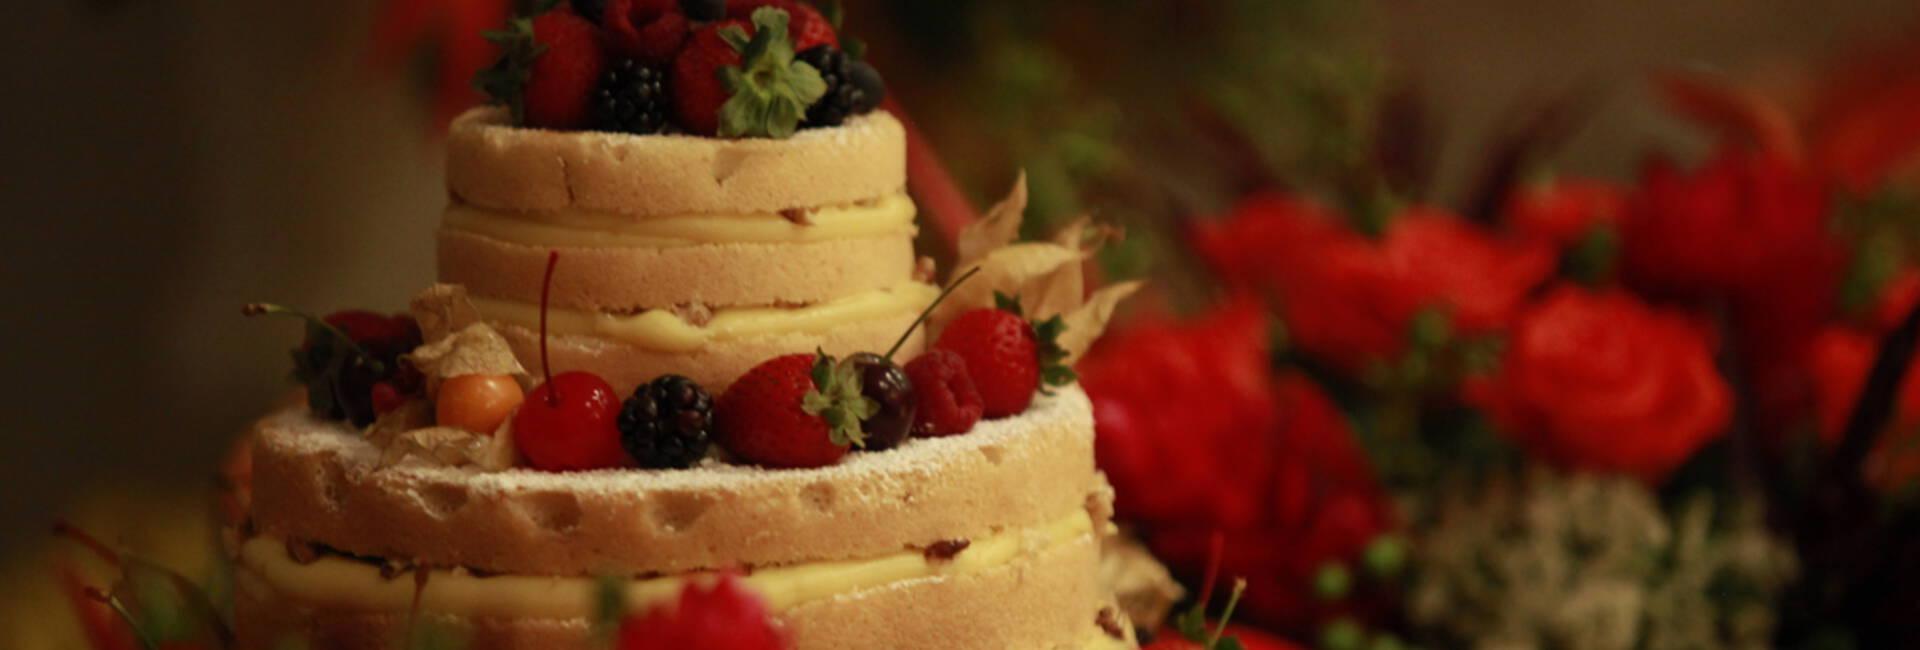 decoração de bolo delicioso!!!